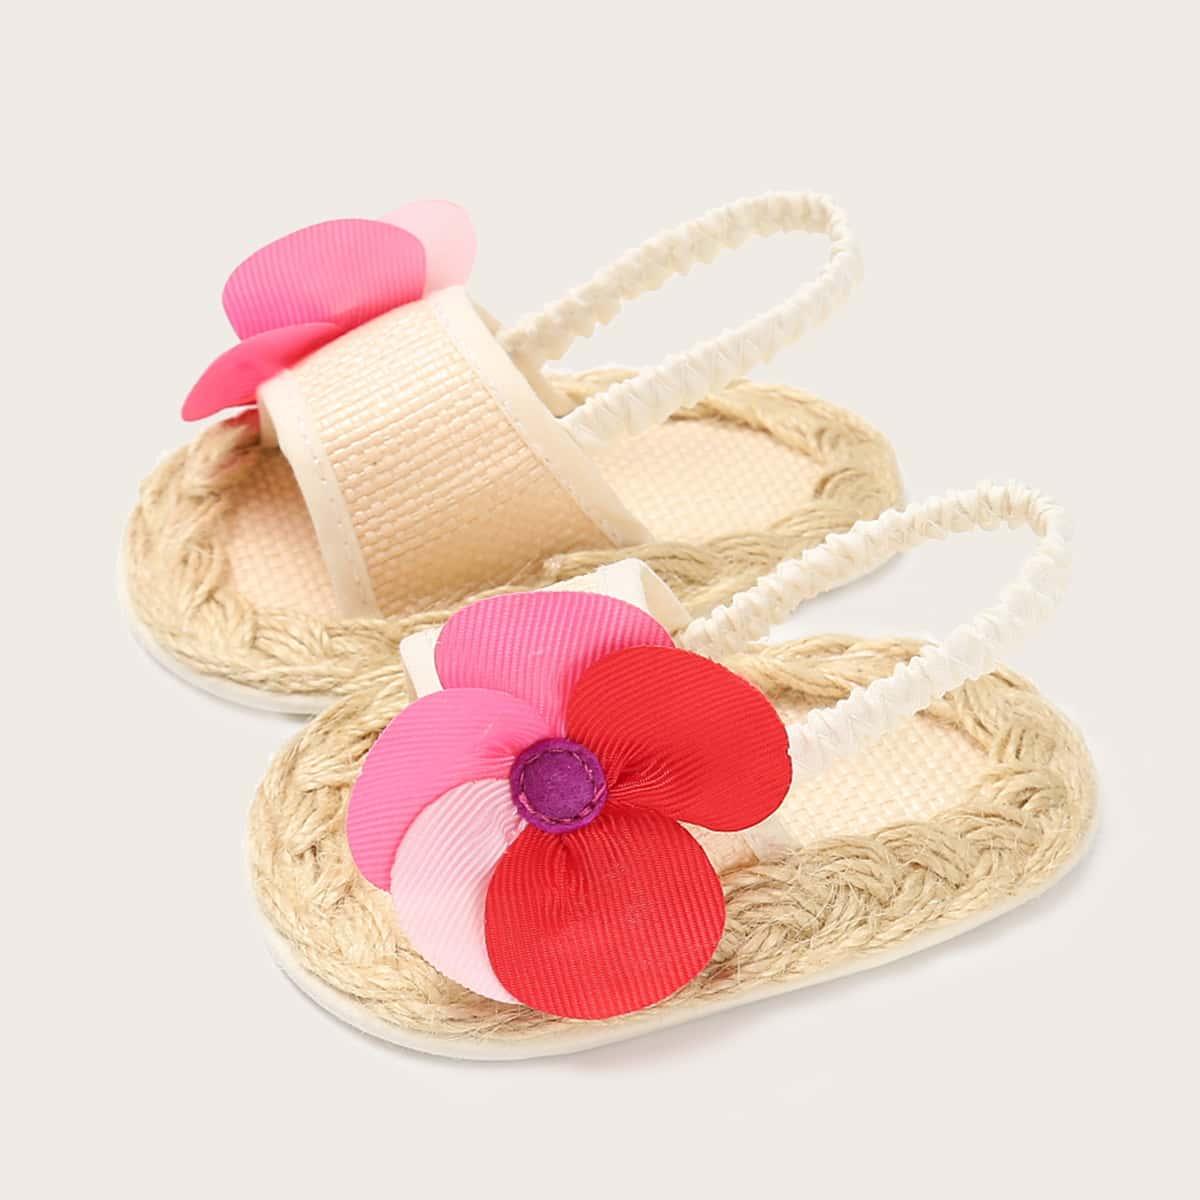 Сандалии с цветком для девочек SheIn skshoes03210317510